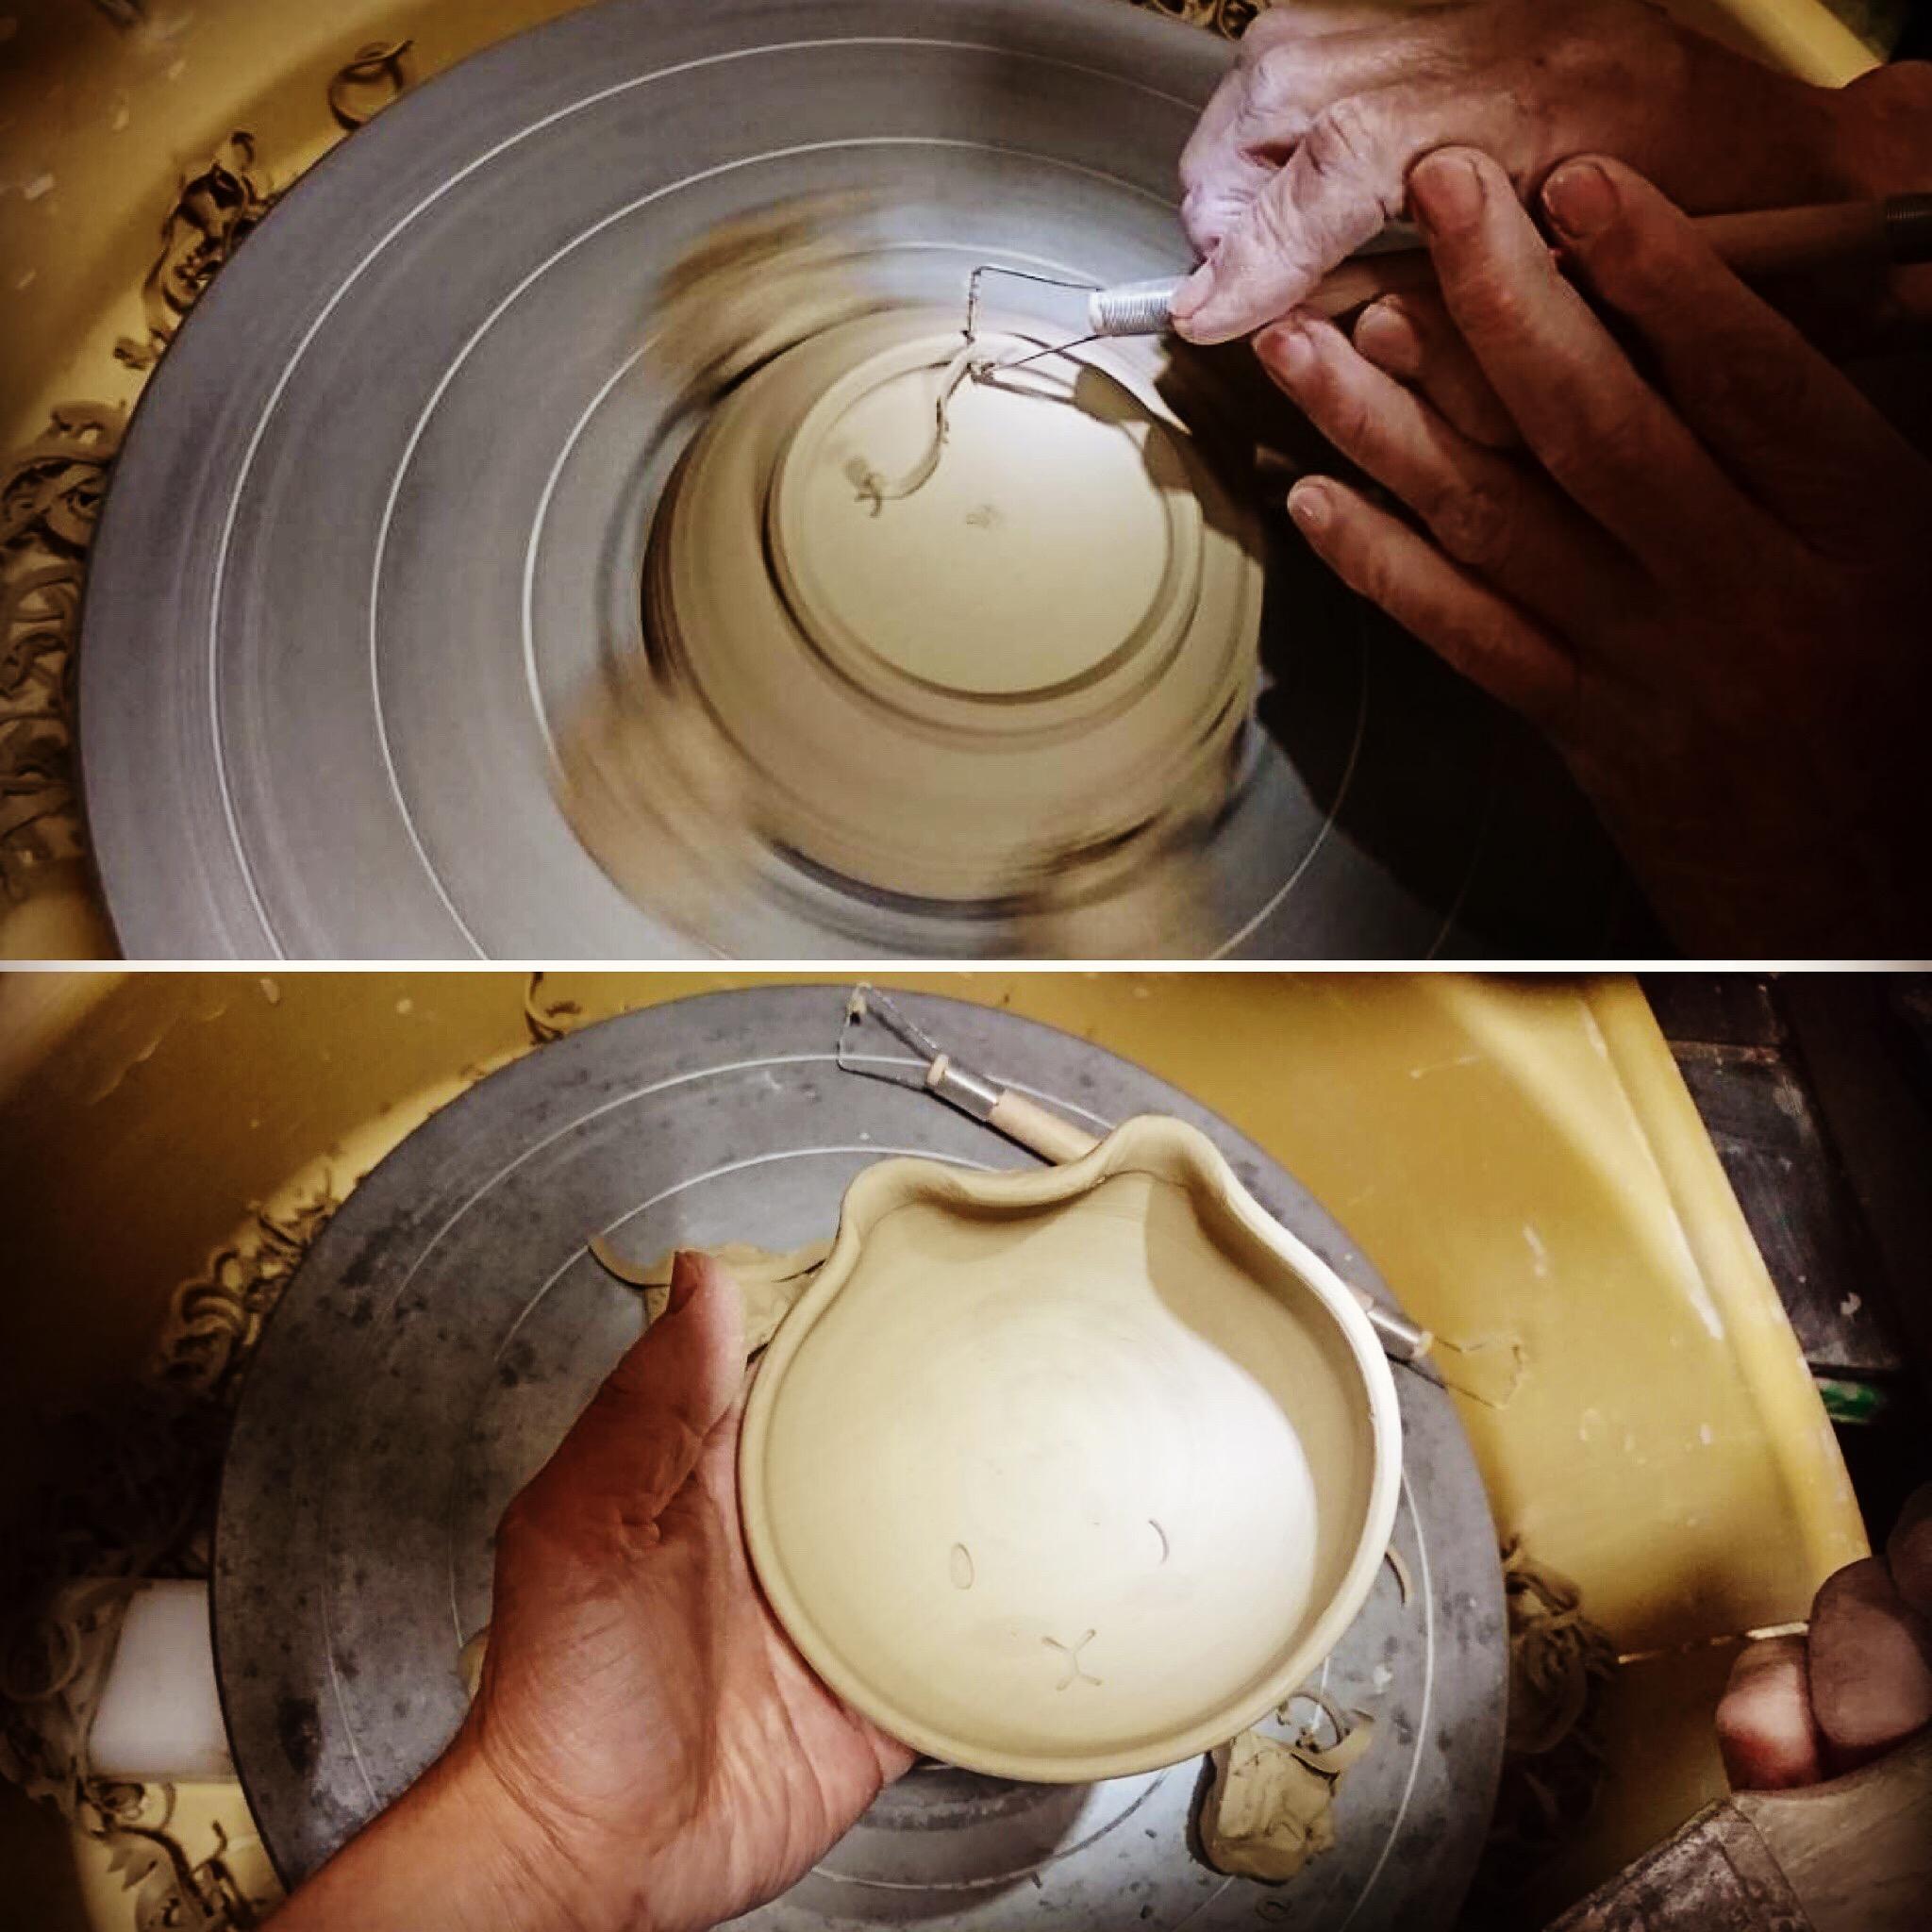 豆卯皿(まめうざら)制作は続きまーす^_^